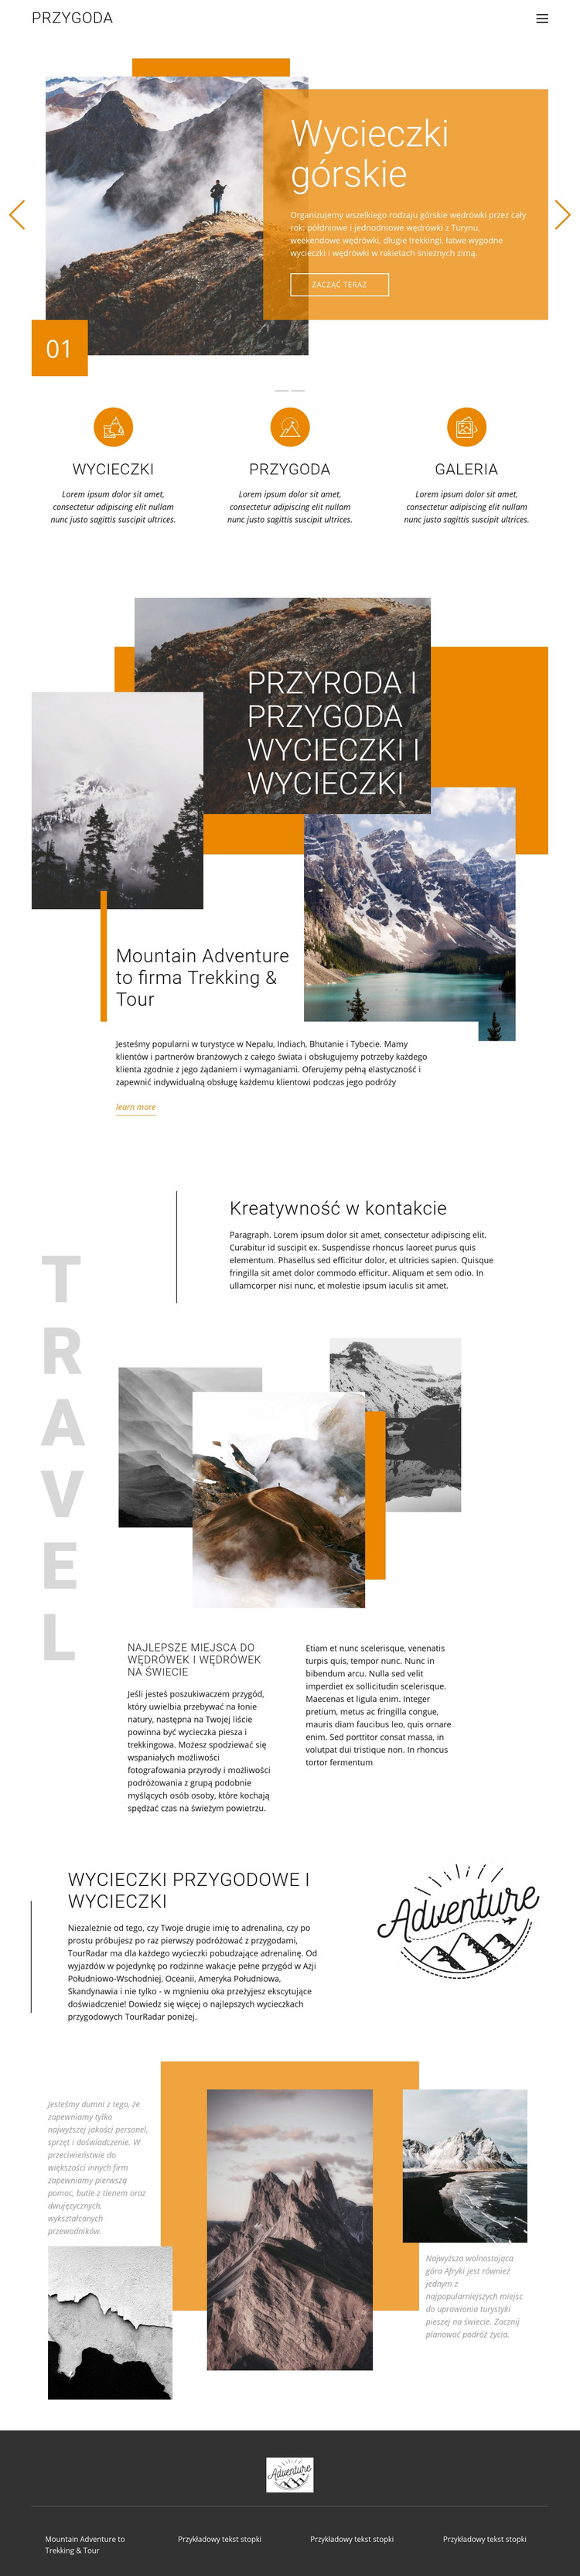 Podróże górskie Szablon witryny sieci Web